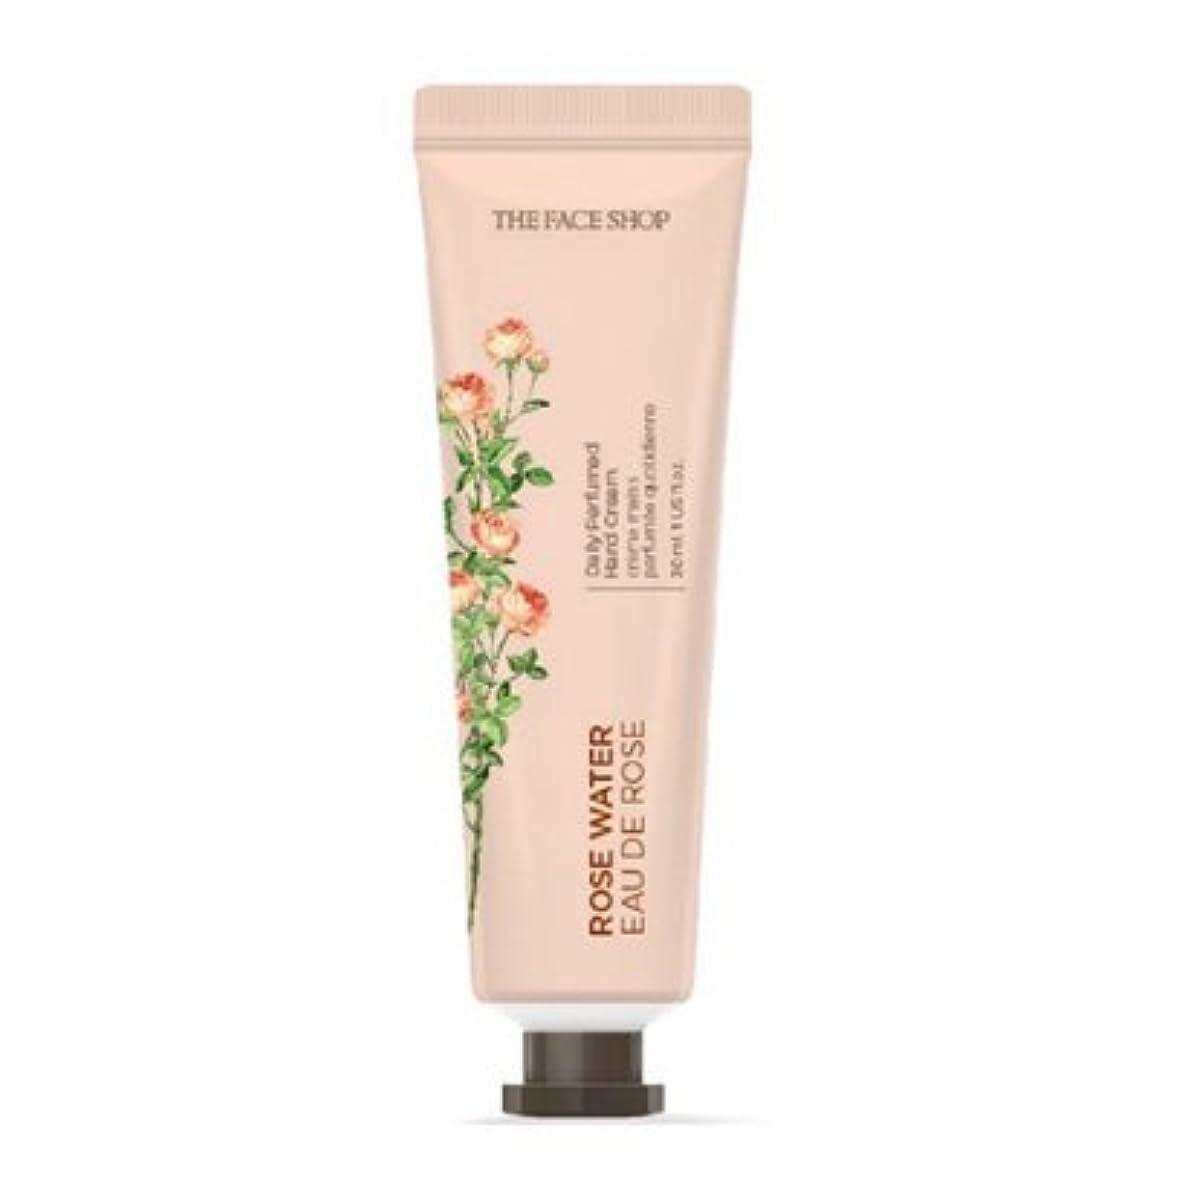 対象体現するどうやら[1+1] THE FACE SHOP Daily Perfume Hand Cream [01.Rose Water] ザフェイスショップ デイリーパフュームハンドクリーム [01.ローズウォーター] [new] [並行輸入品]